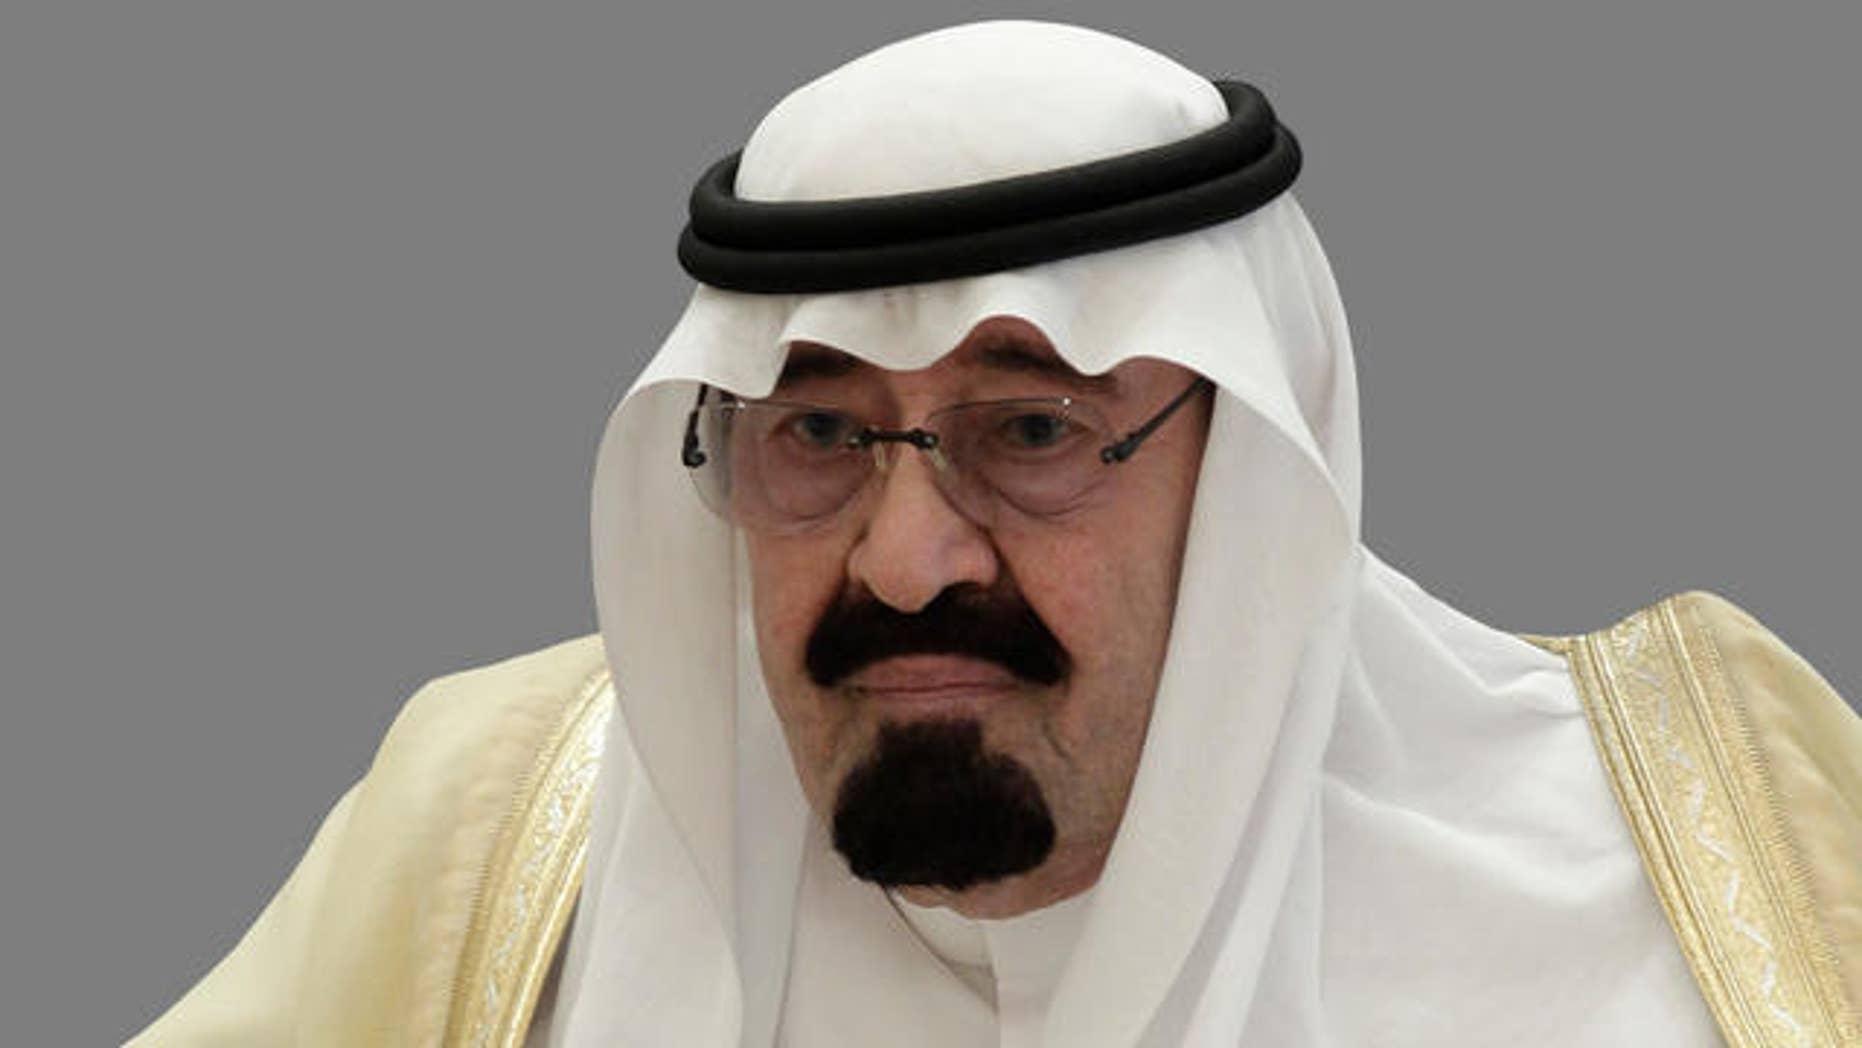 May 14, 2012 - FILE photo of King Abdullah Bin Abdull-Aziz Al-Saud of Saudi Arabia.